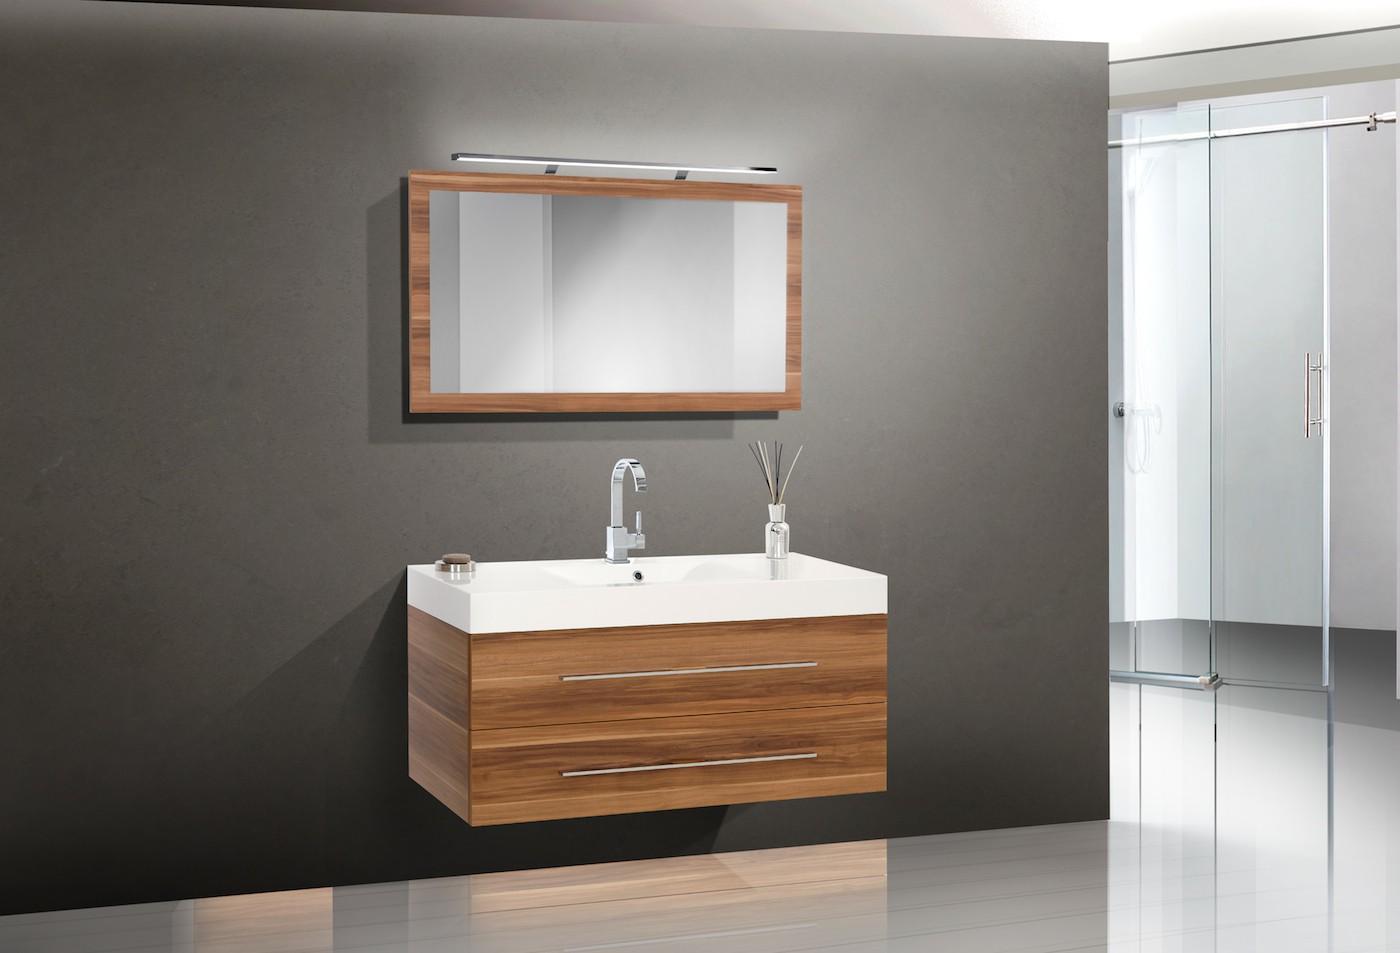 Design badm bel set waschbecken 120cm lichtspiegel - Designer badmobel ...